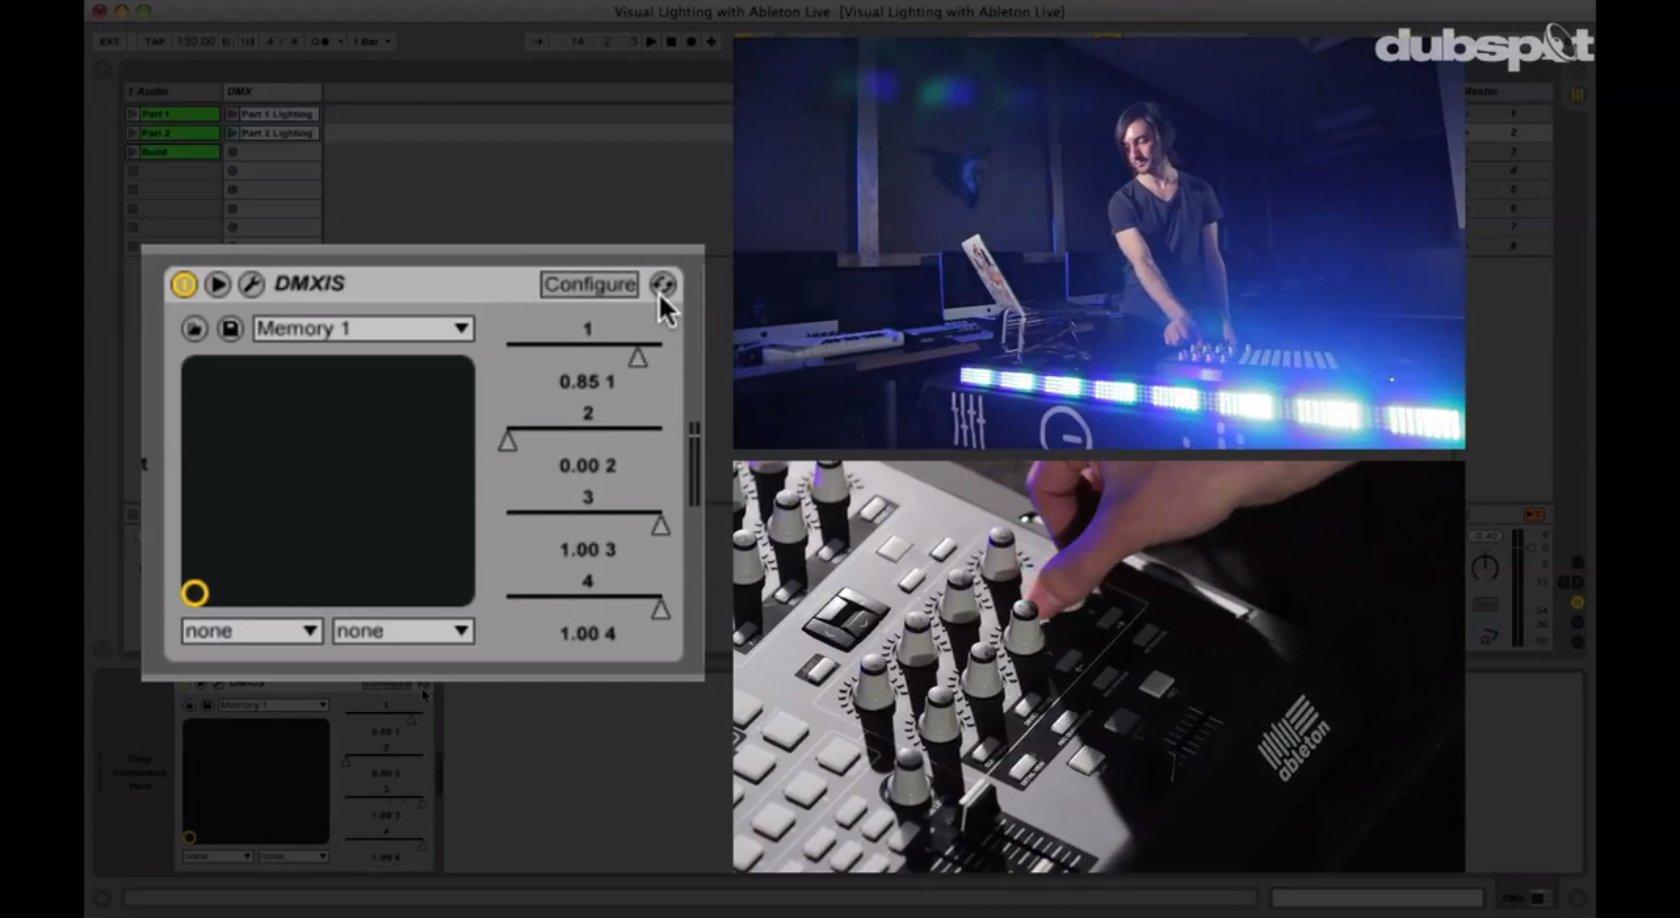 drum arpeggiator and dmx lighting